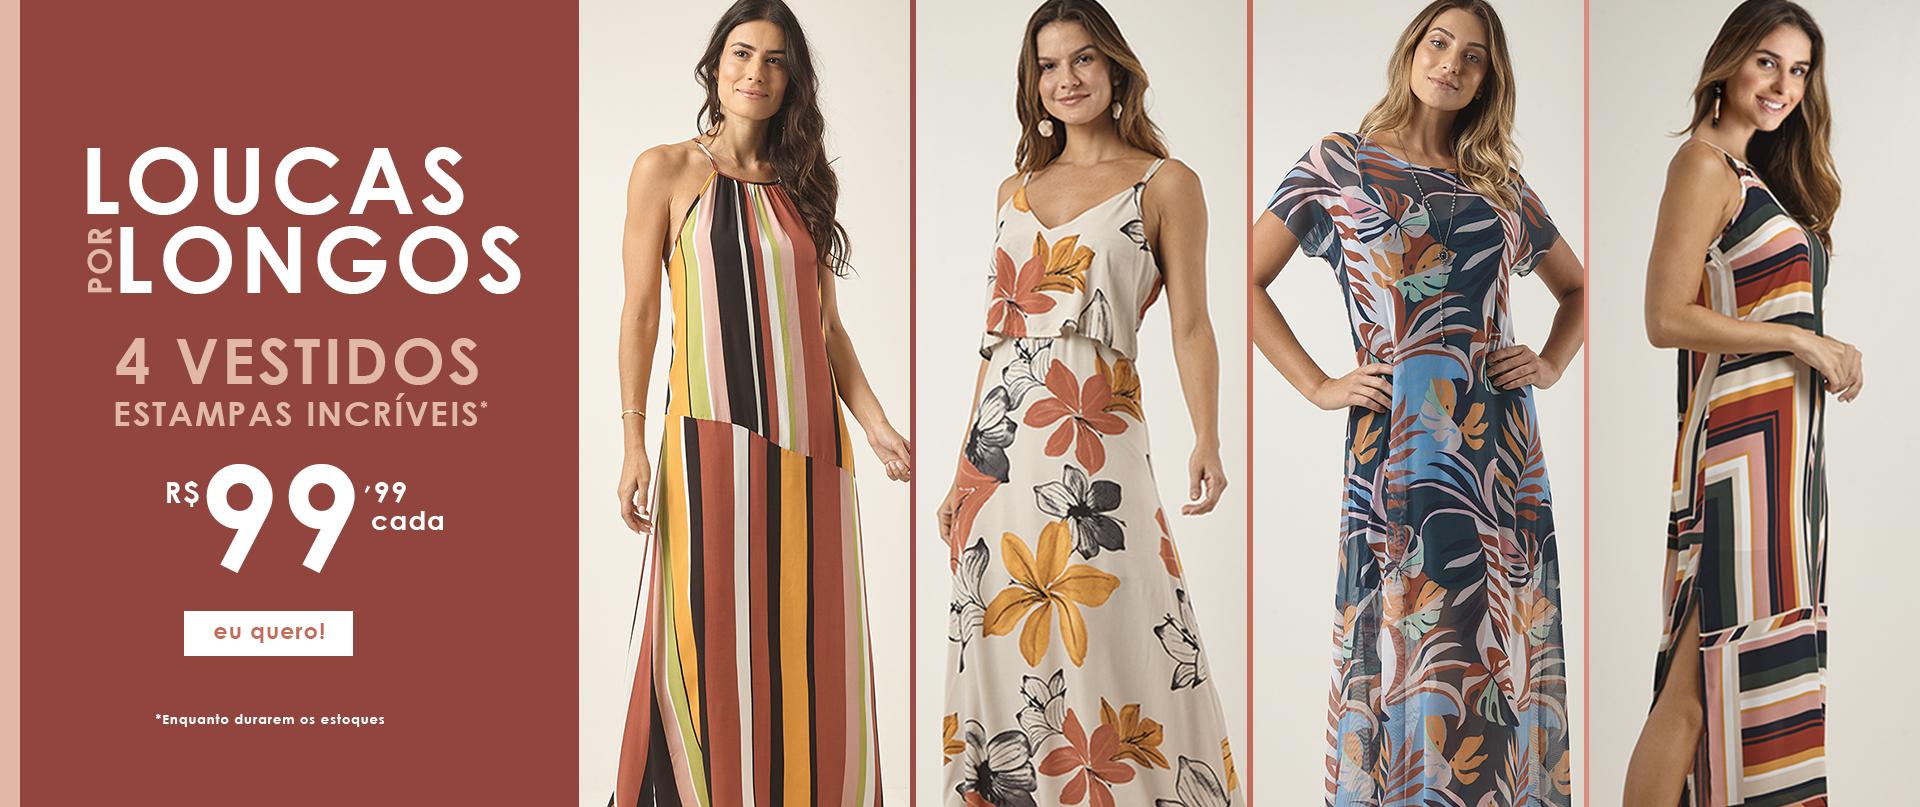 Campanha - 4 vestidos